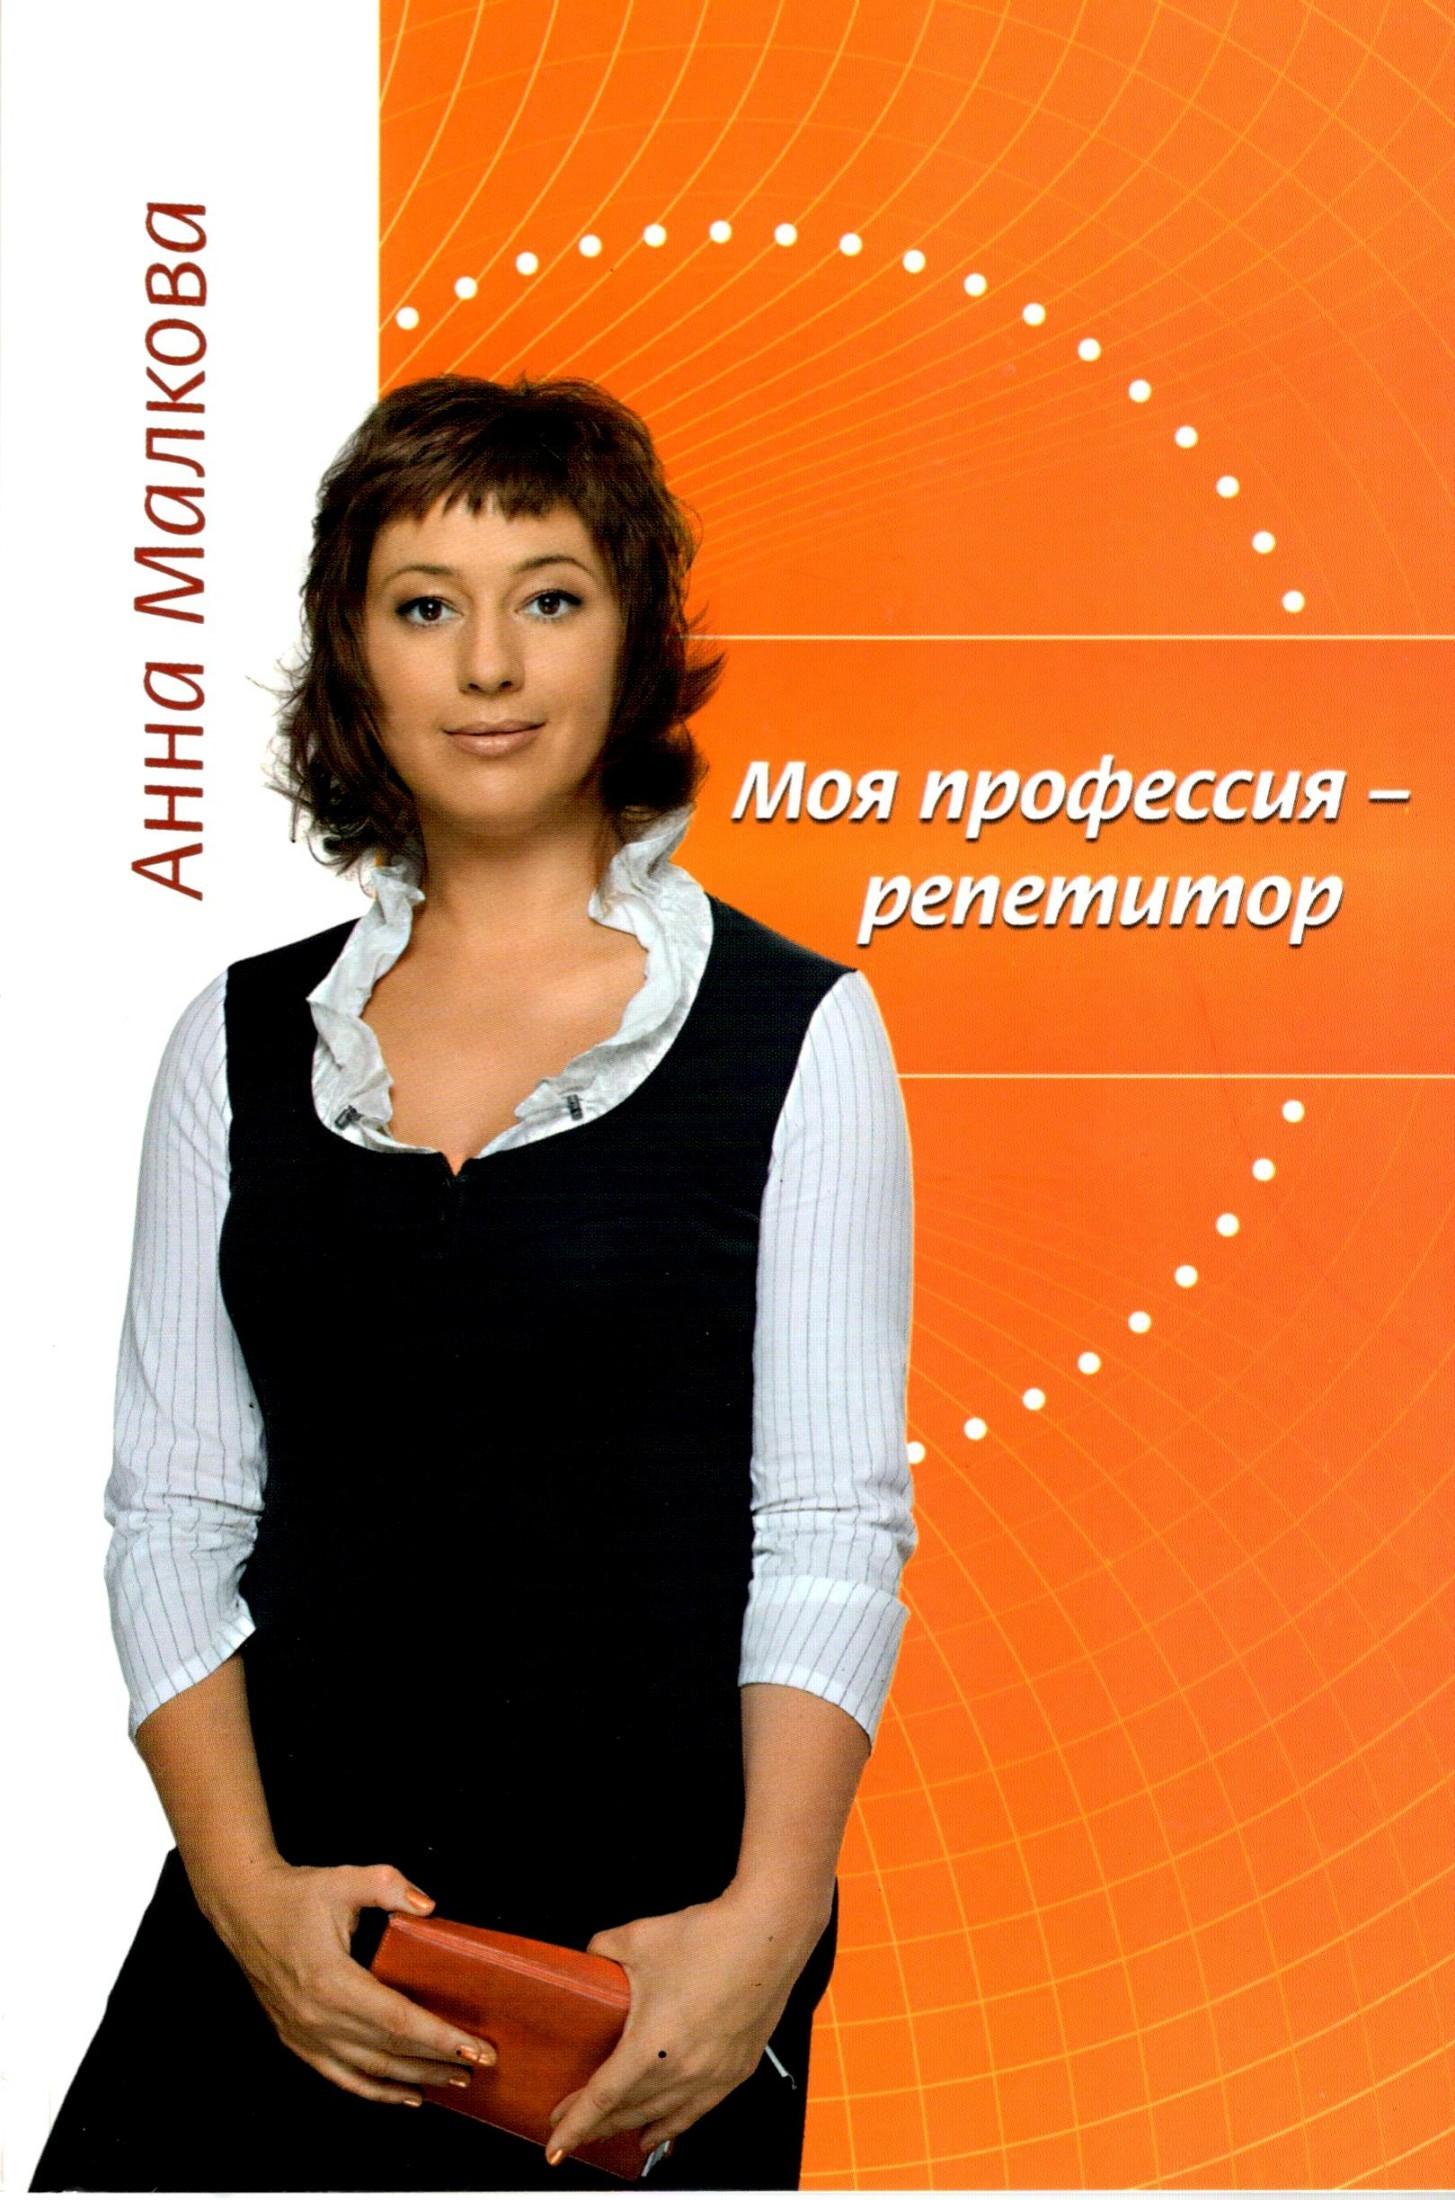 Анна Георгиевна Малкова Моя профессия – репетитор анна георгиевна малкова моя профессия – репетитор